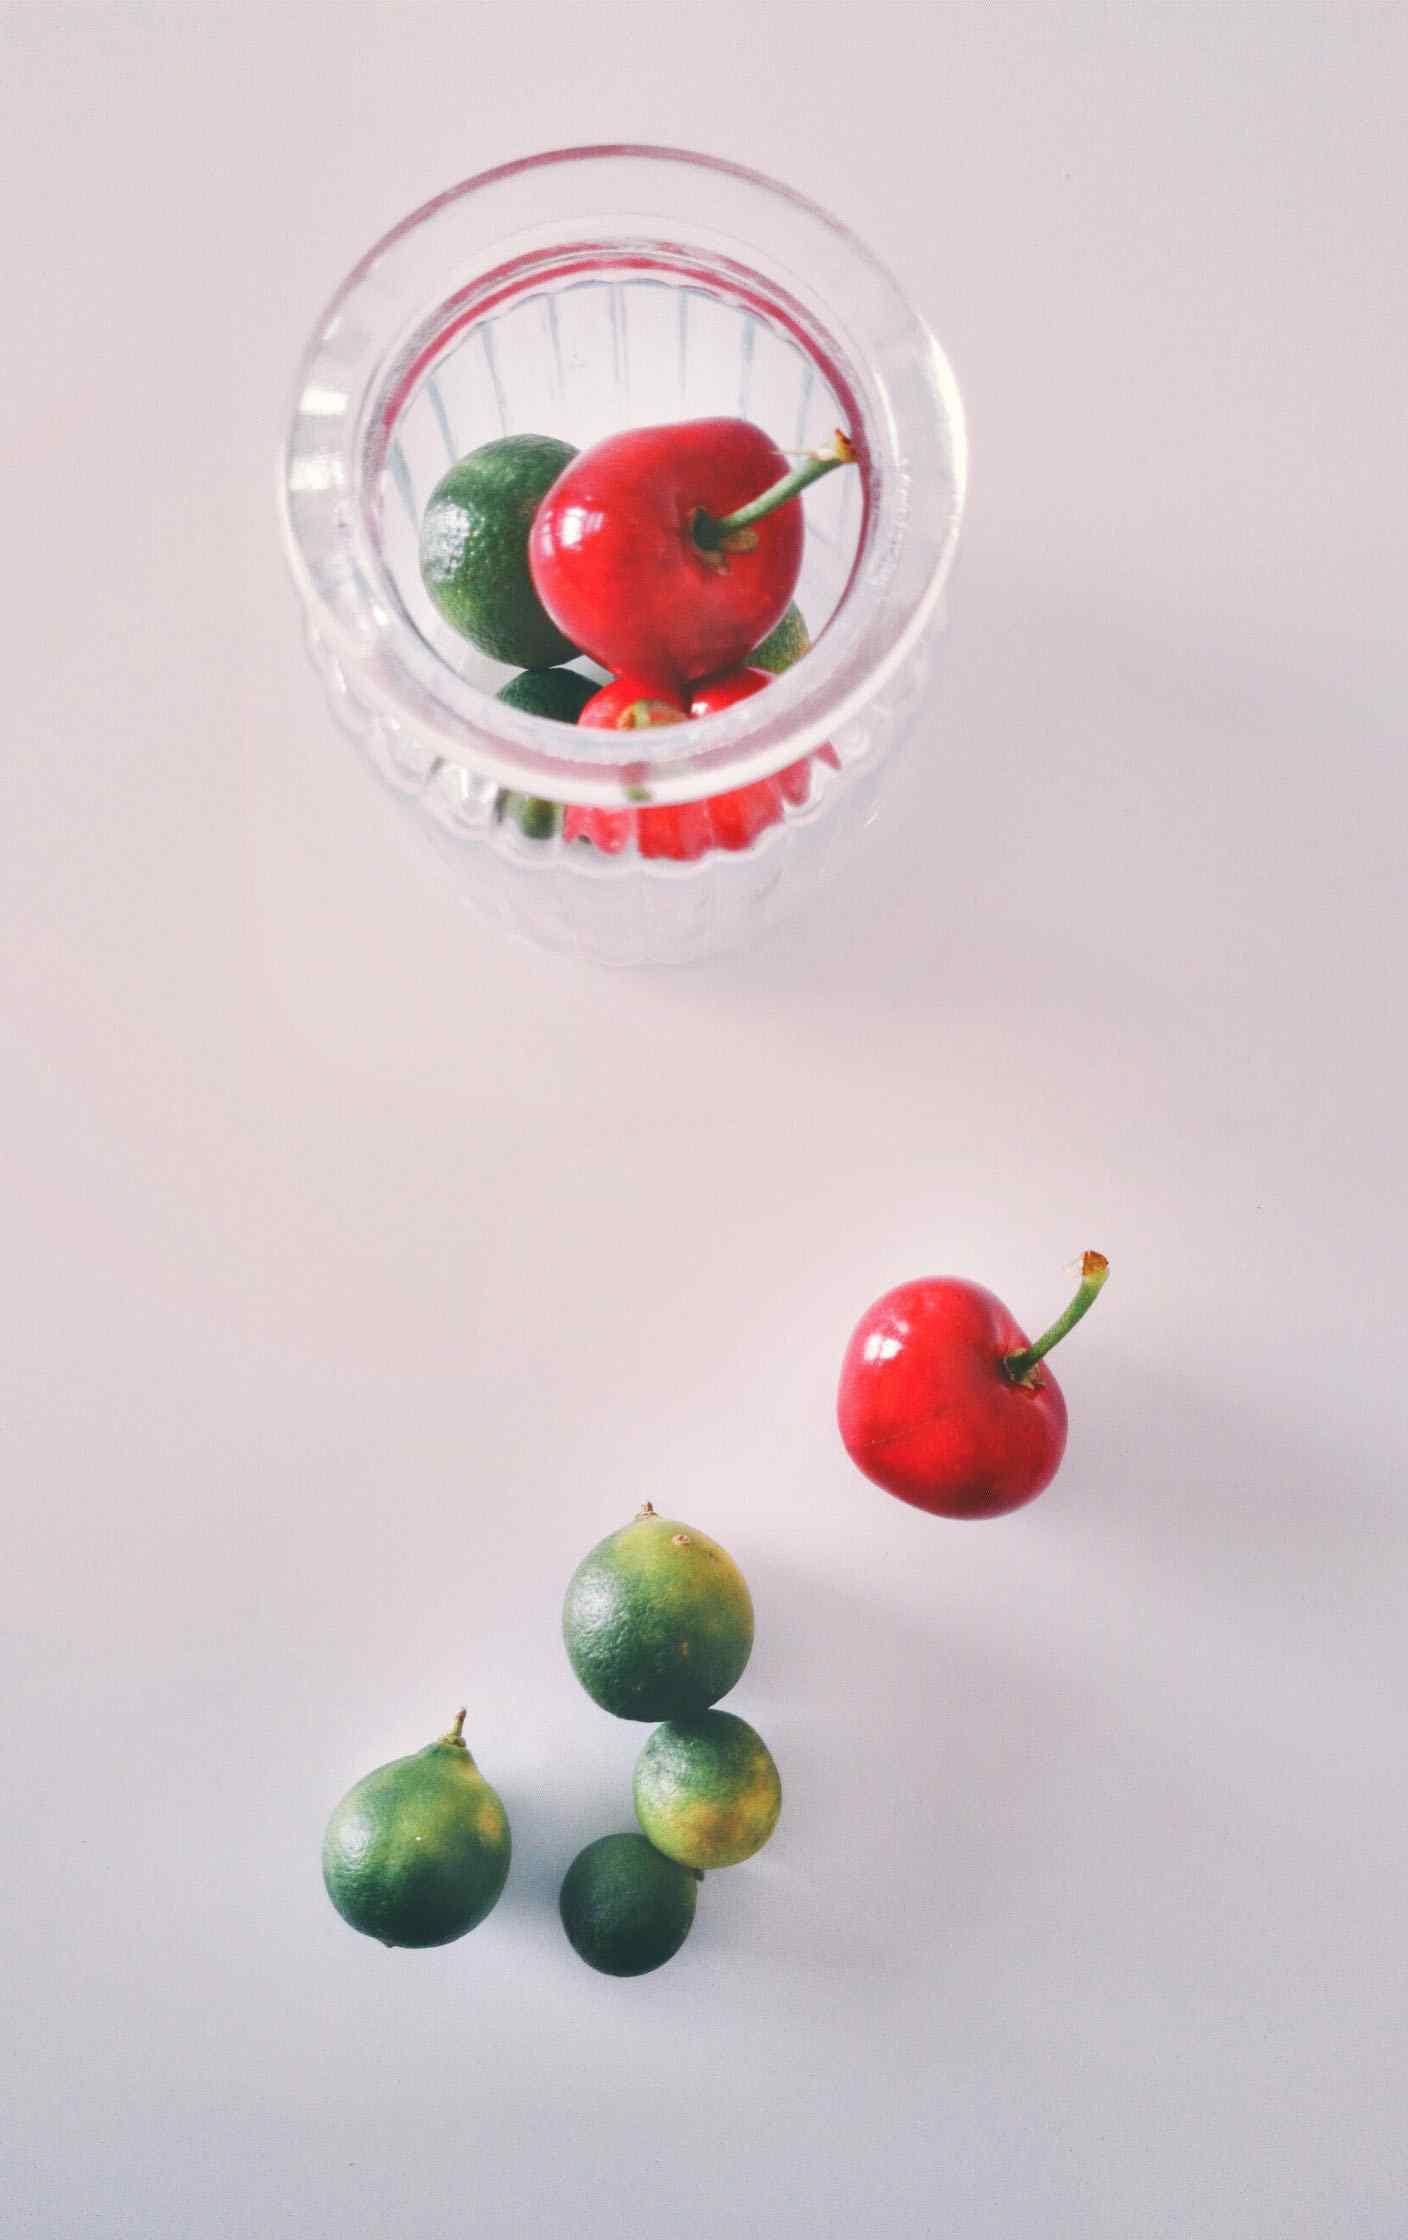 小清新樱桃简约图片手机壁纸